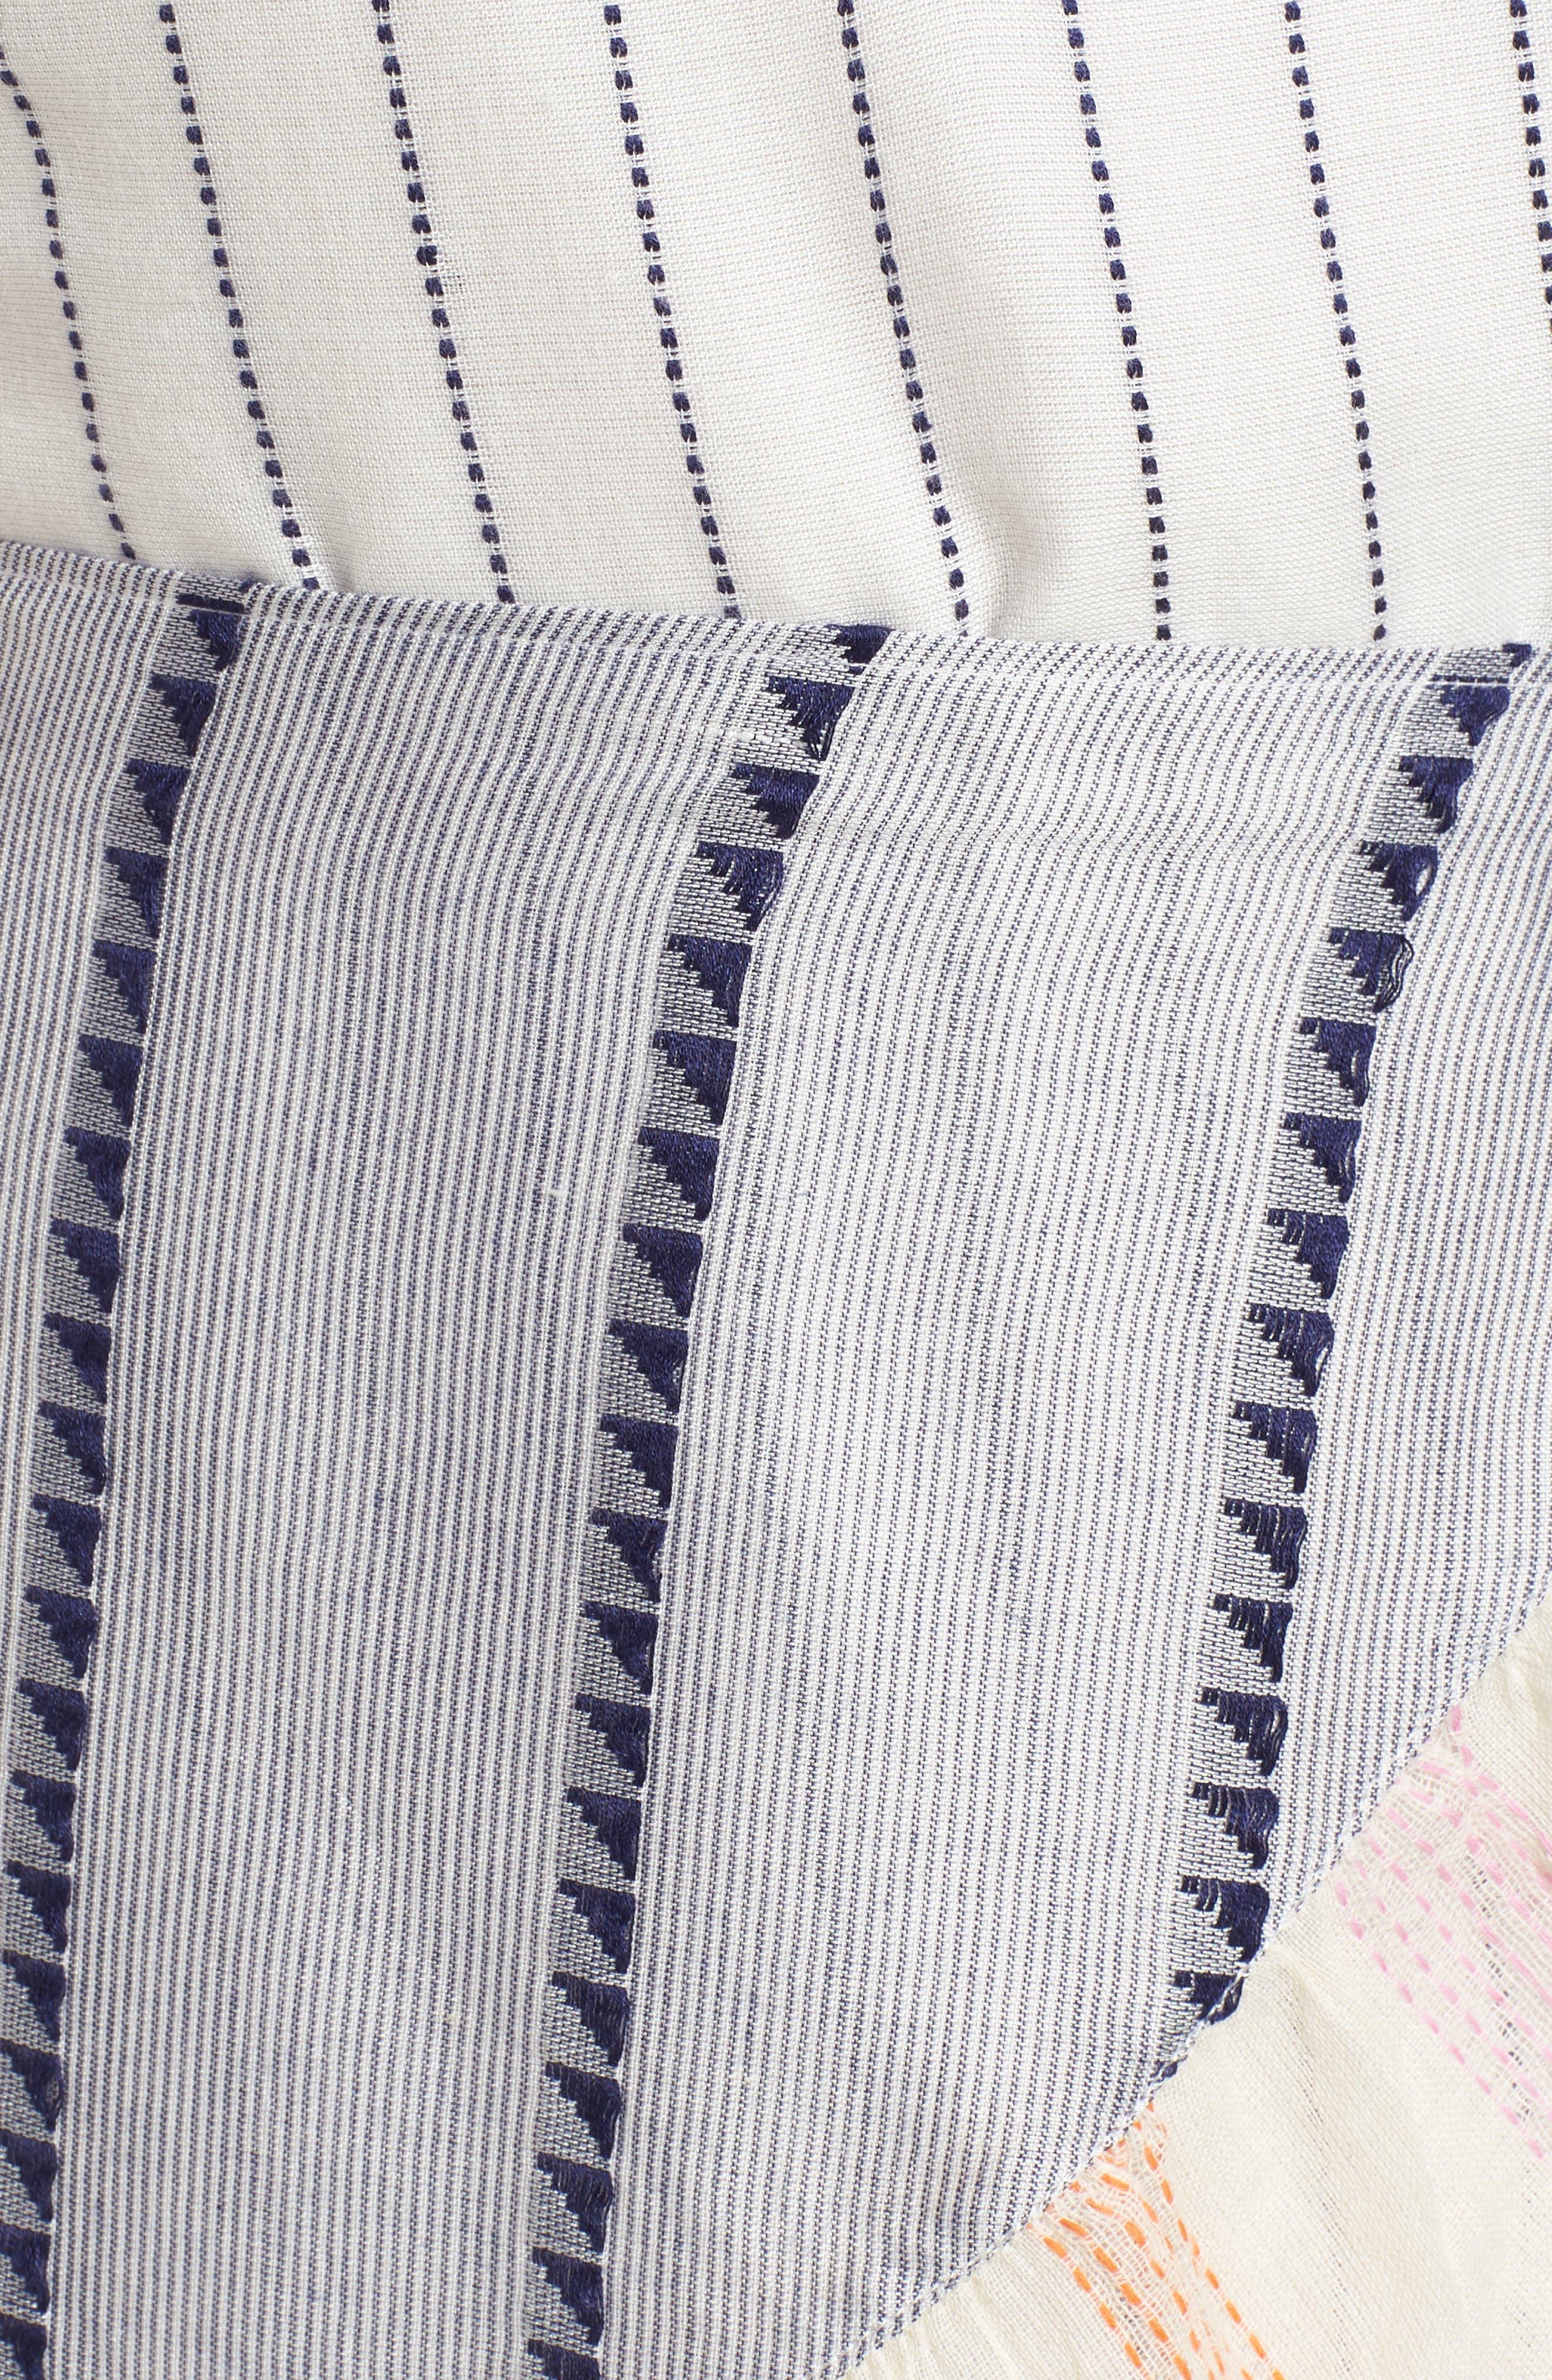 Jenny Minidress,                             Alternate thumbnail 5, color,                             Calamar Stripe